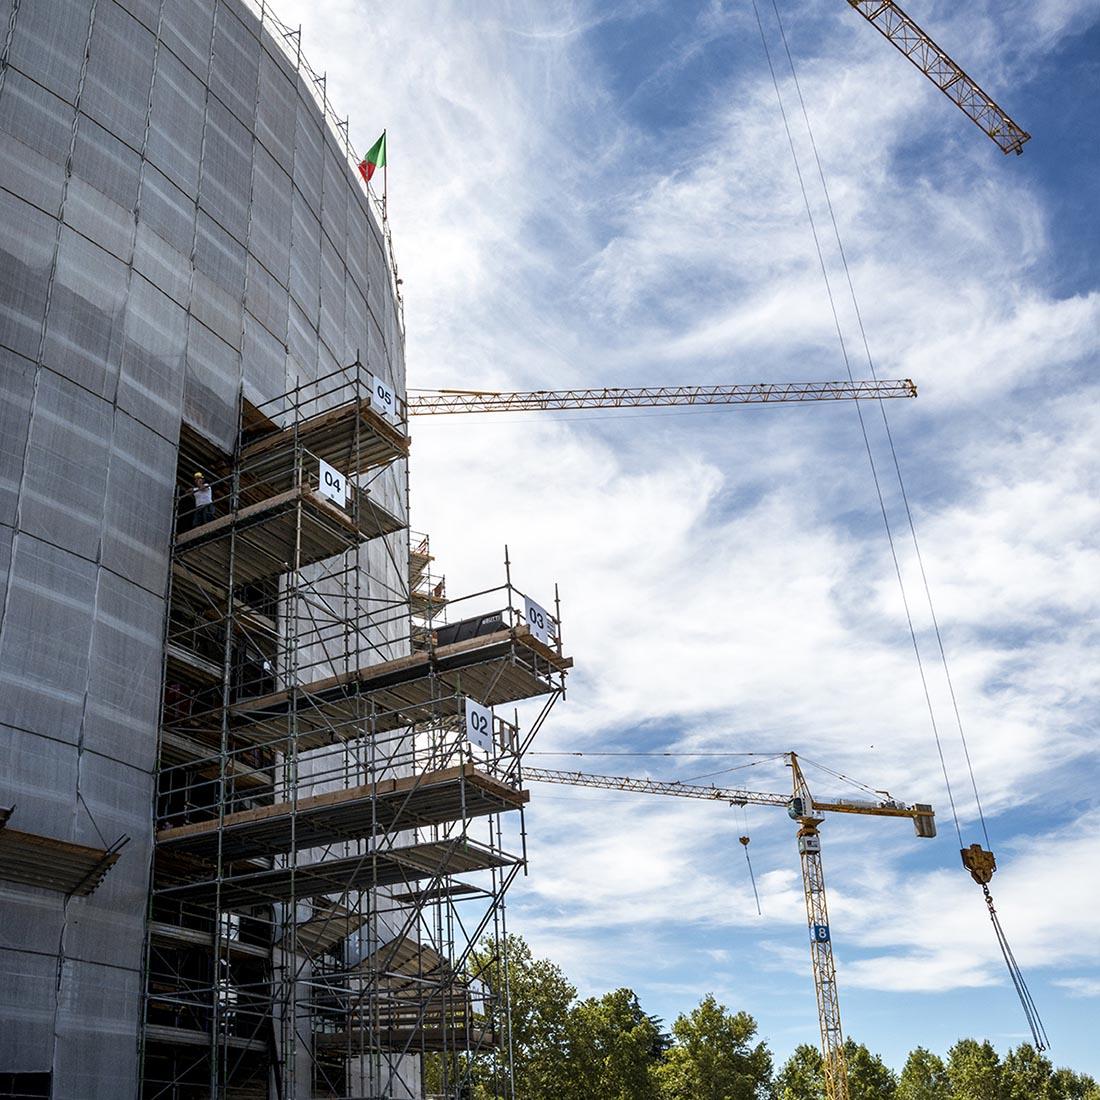 Residenze universitarie Bocconi in via Castiglioni a Milano - Il cantiere